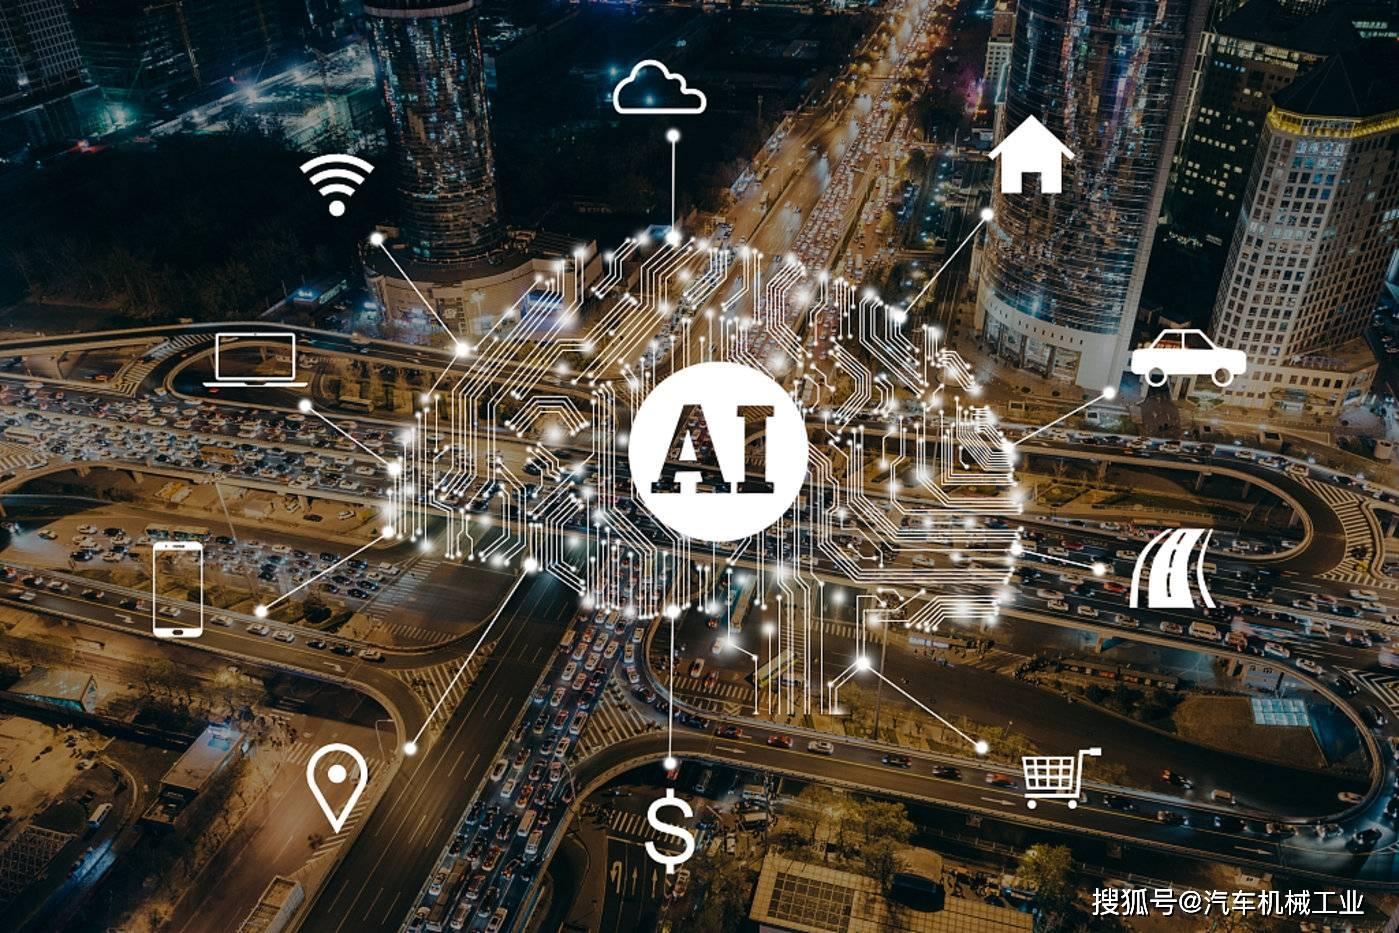 2020人工智能与电力大数据论坛将于本月11日在京召开